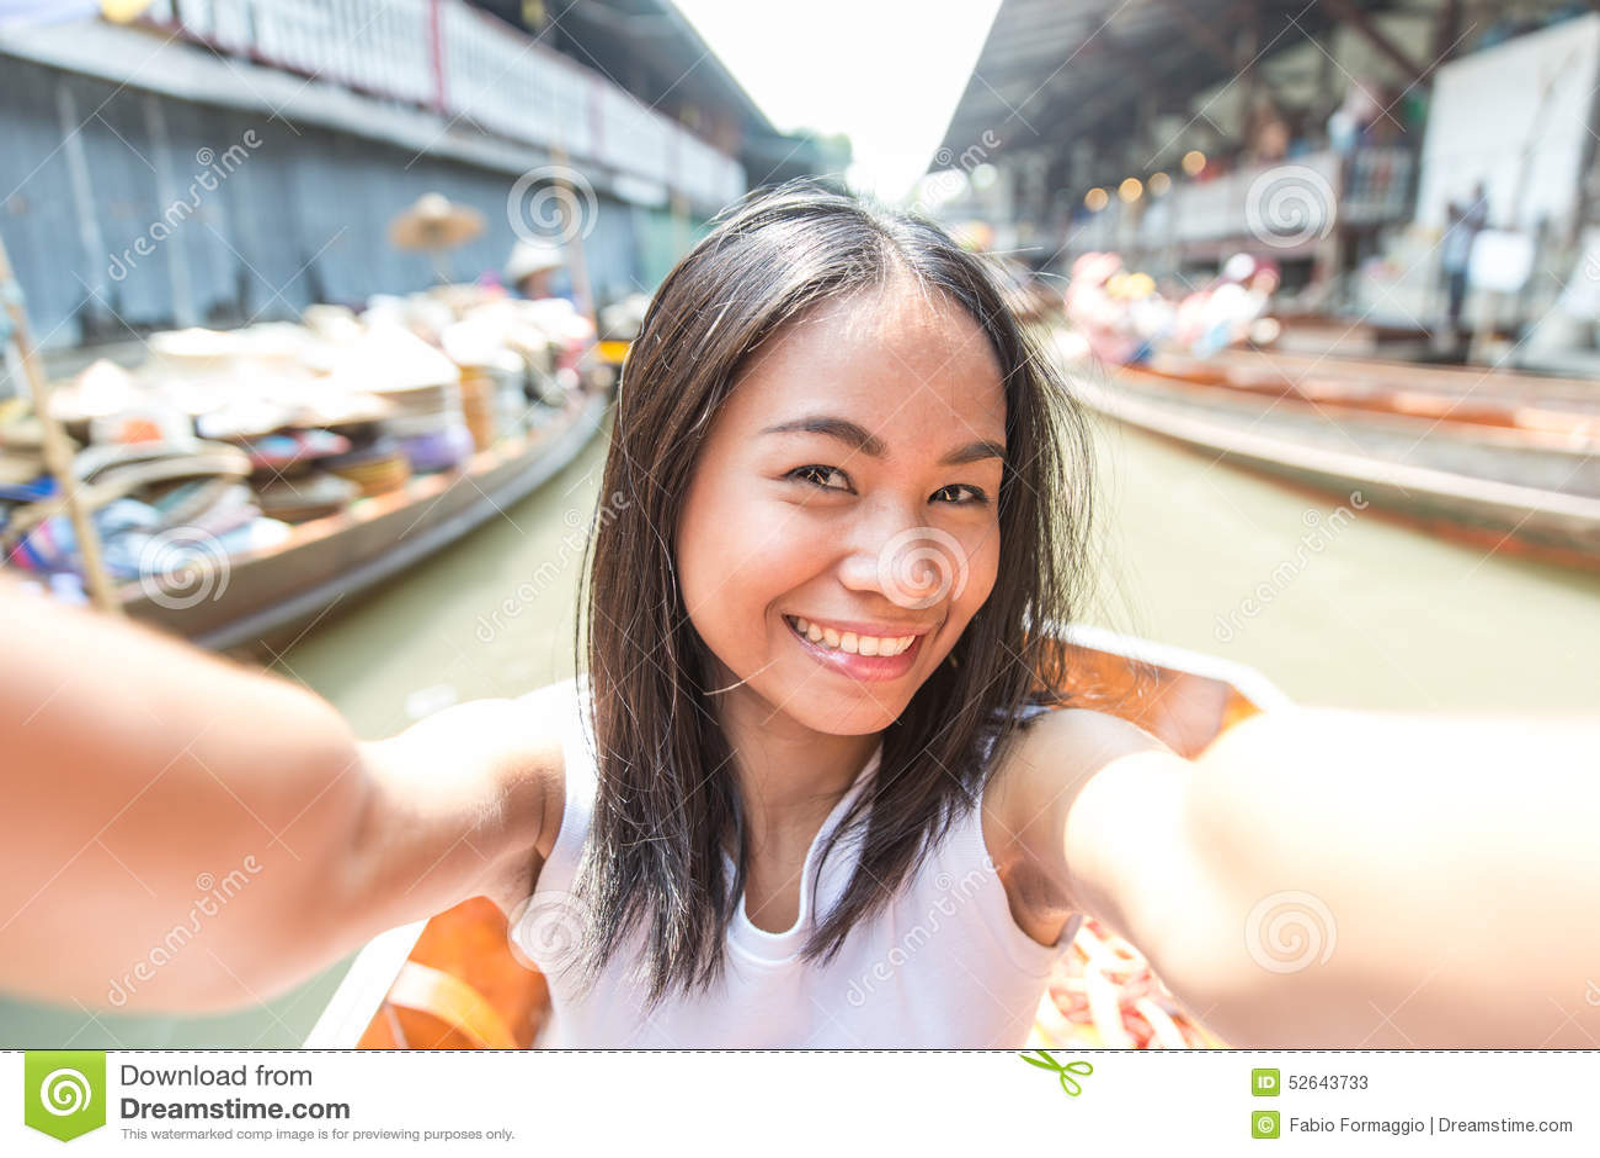 History! All freex thai girl speaking